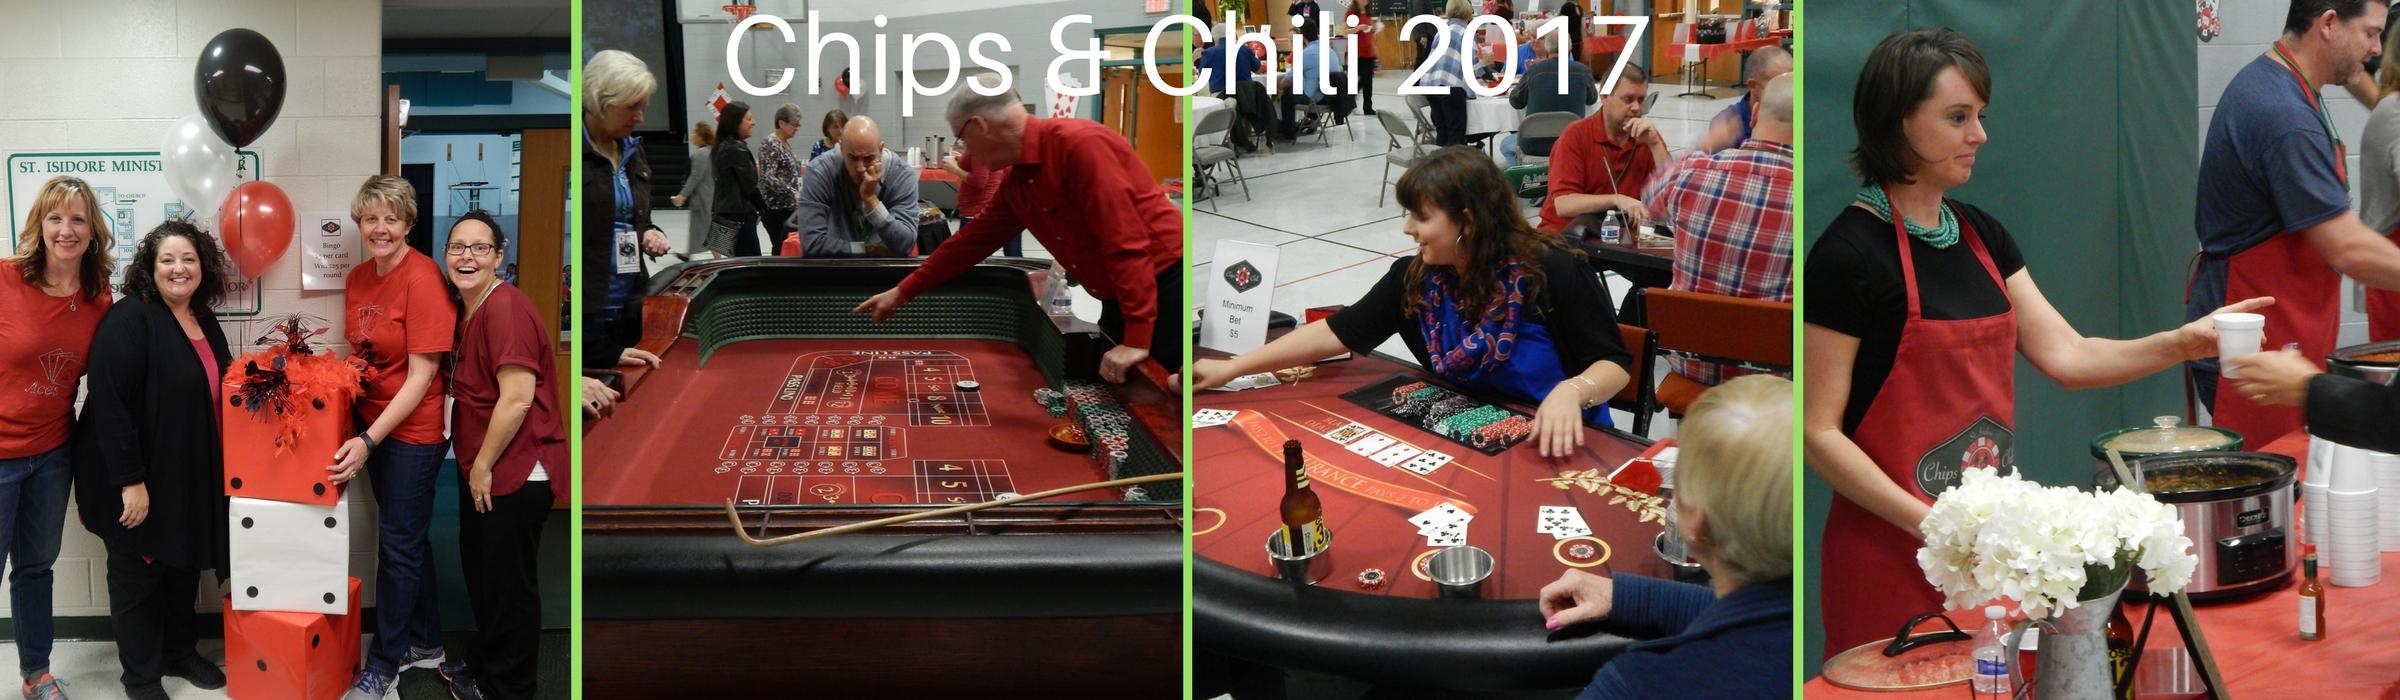 Chips & Chili 2017